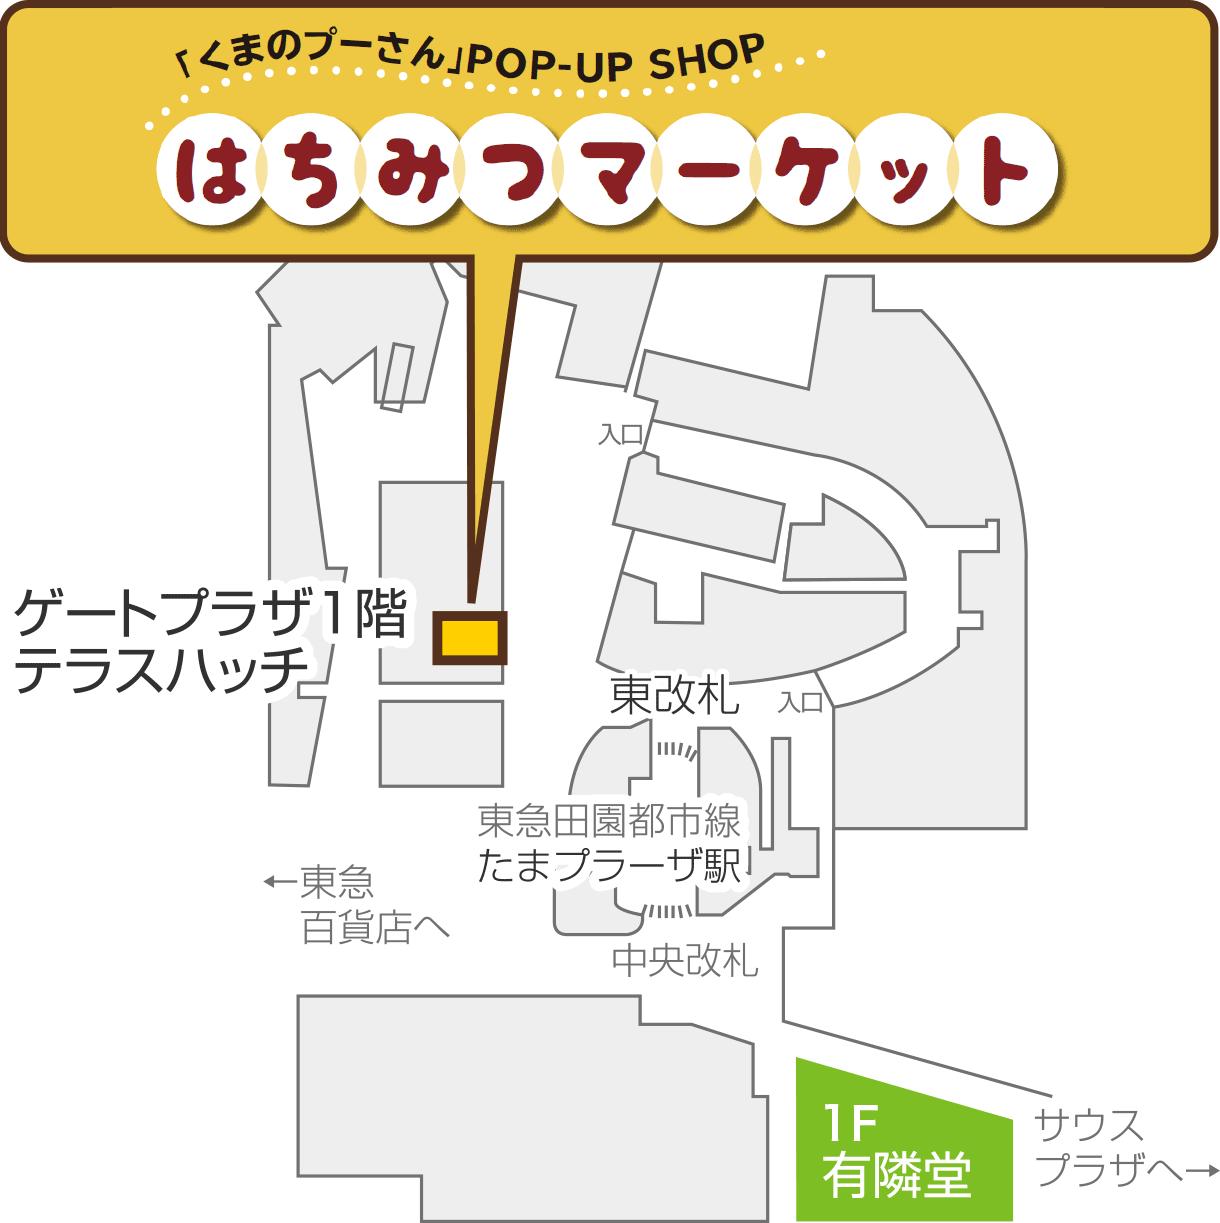 はちみつマーケットの位置(たまプラーザ駅の東改札を出て左手)